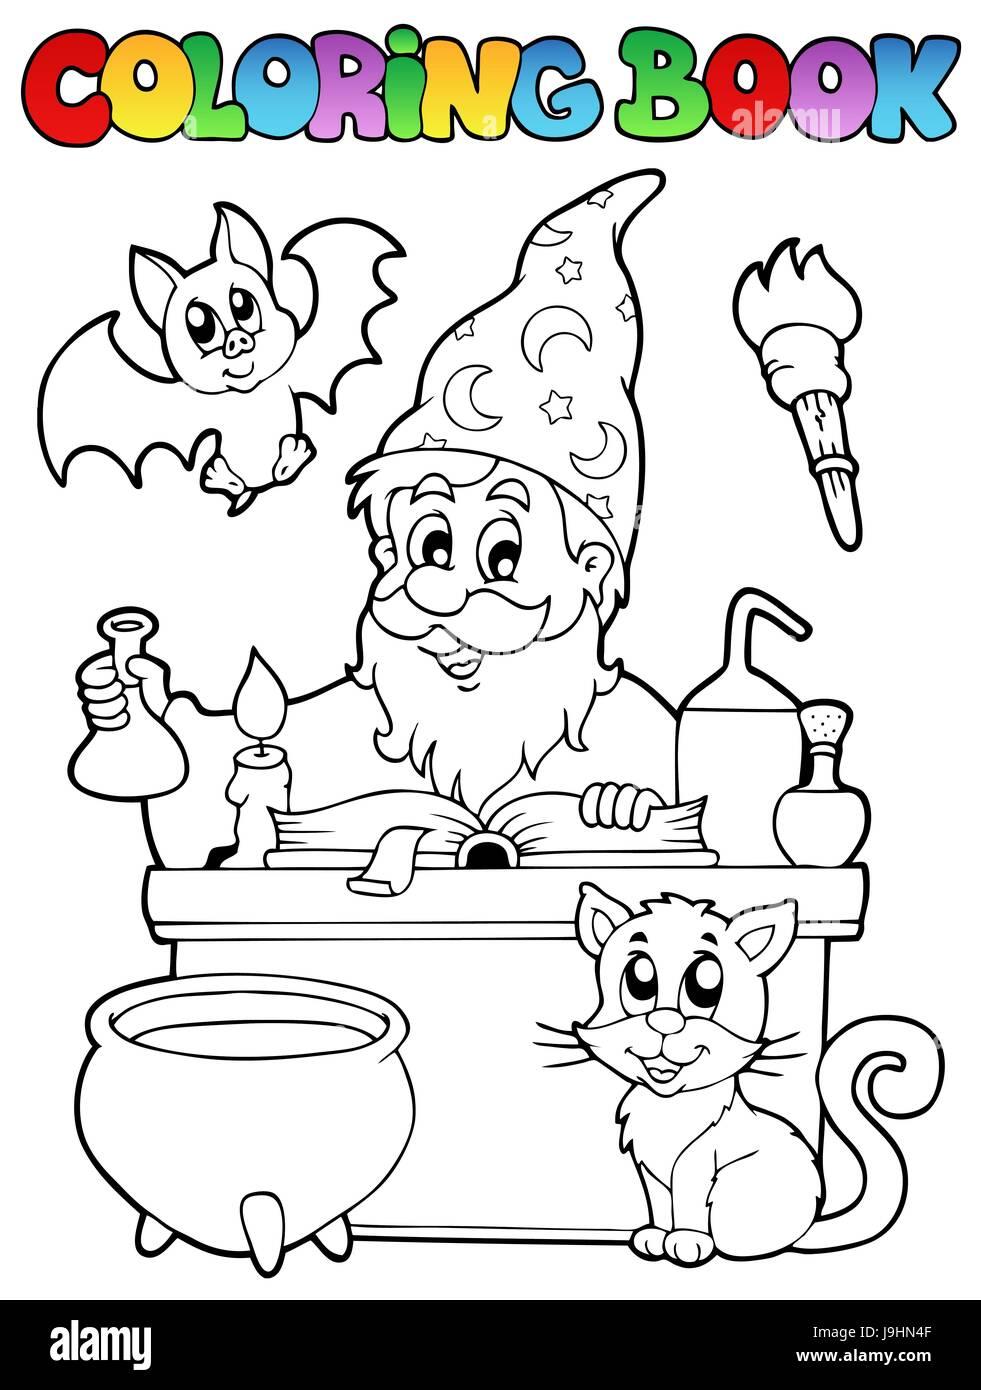 colour, paint, painted, alchemist, colouring, alchemy, book, desk, story, art, - Stock Image